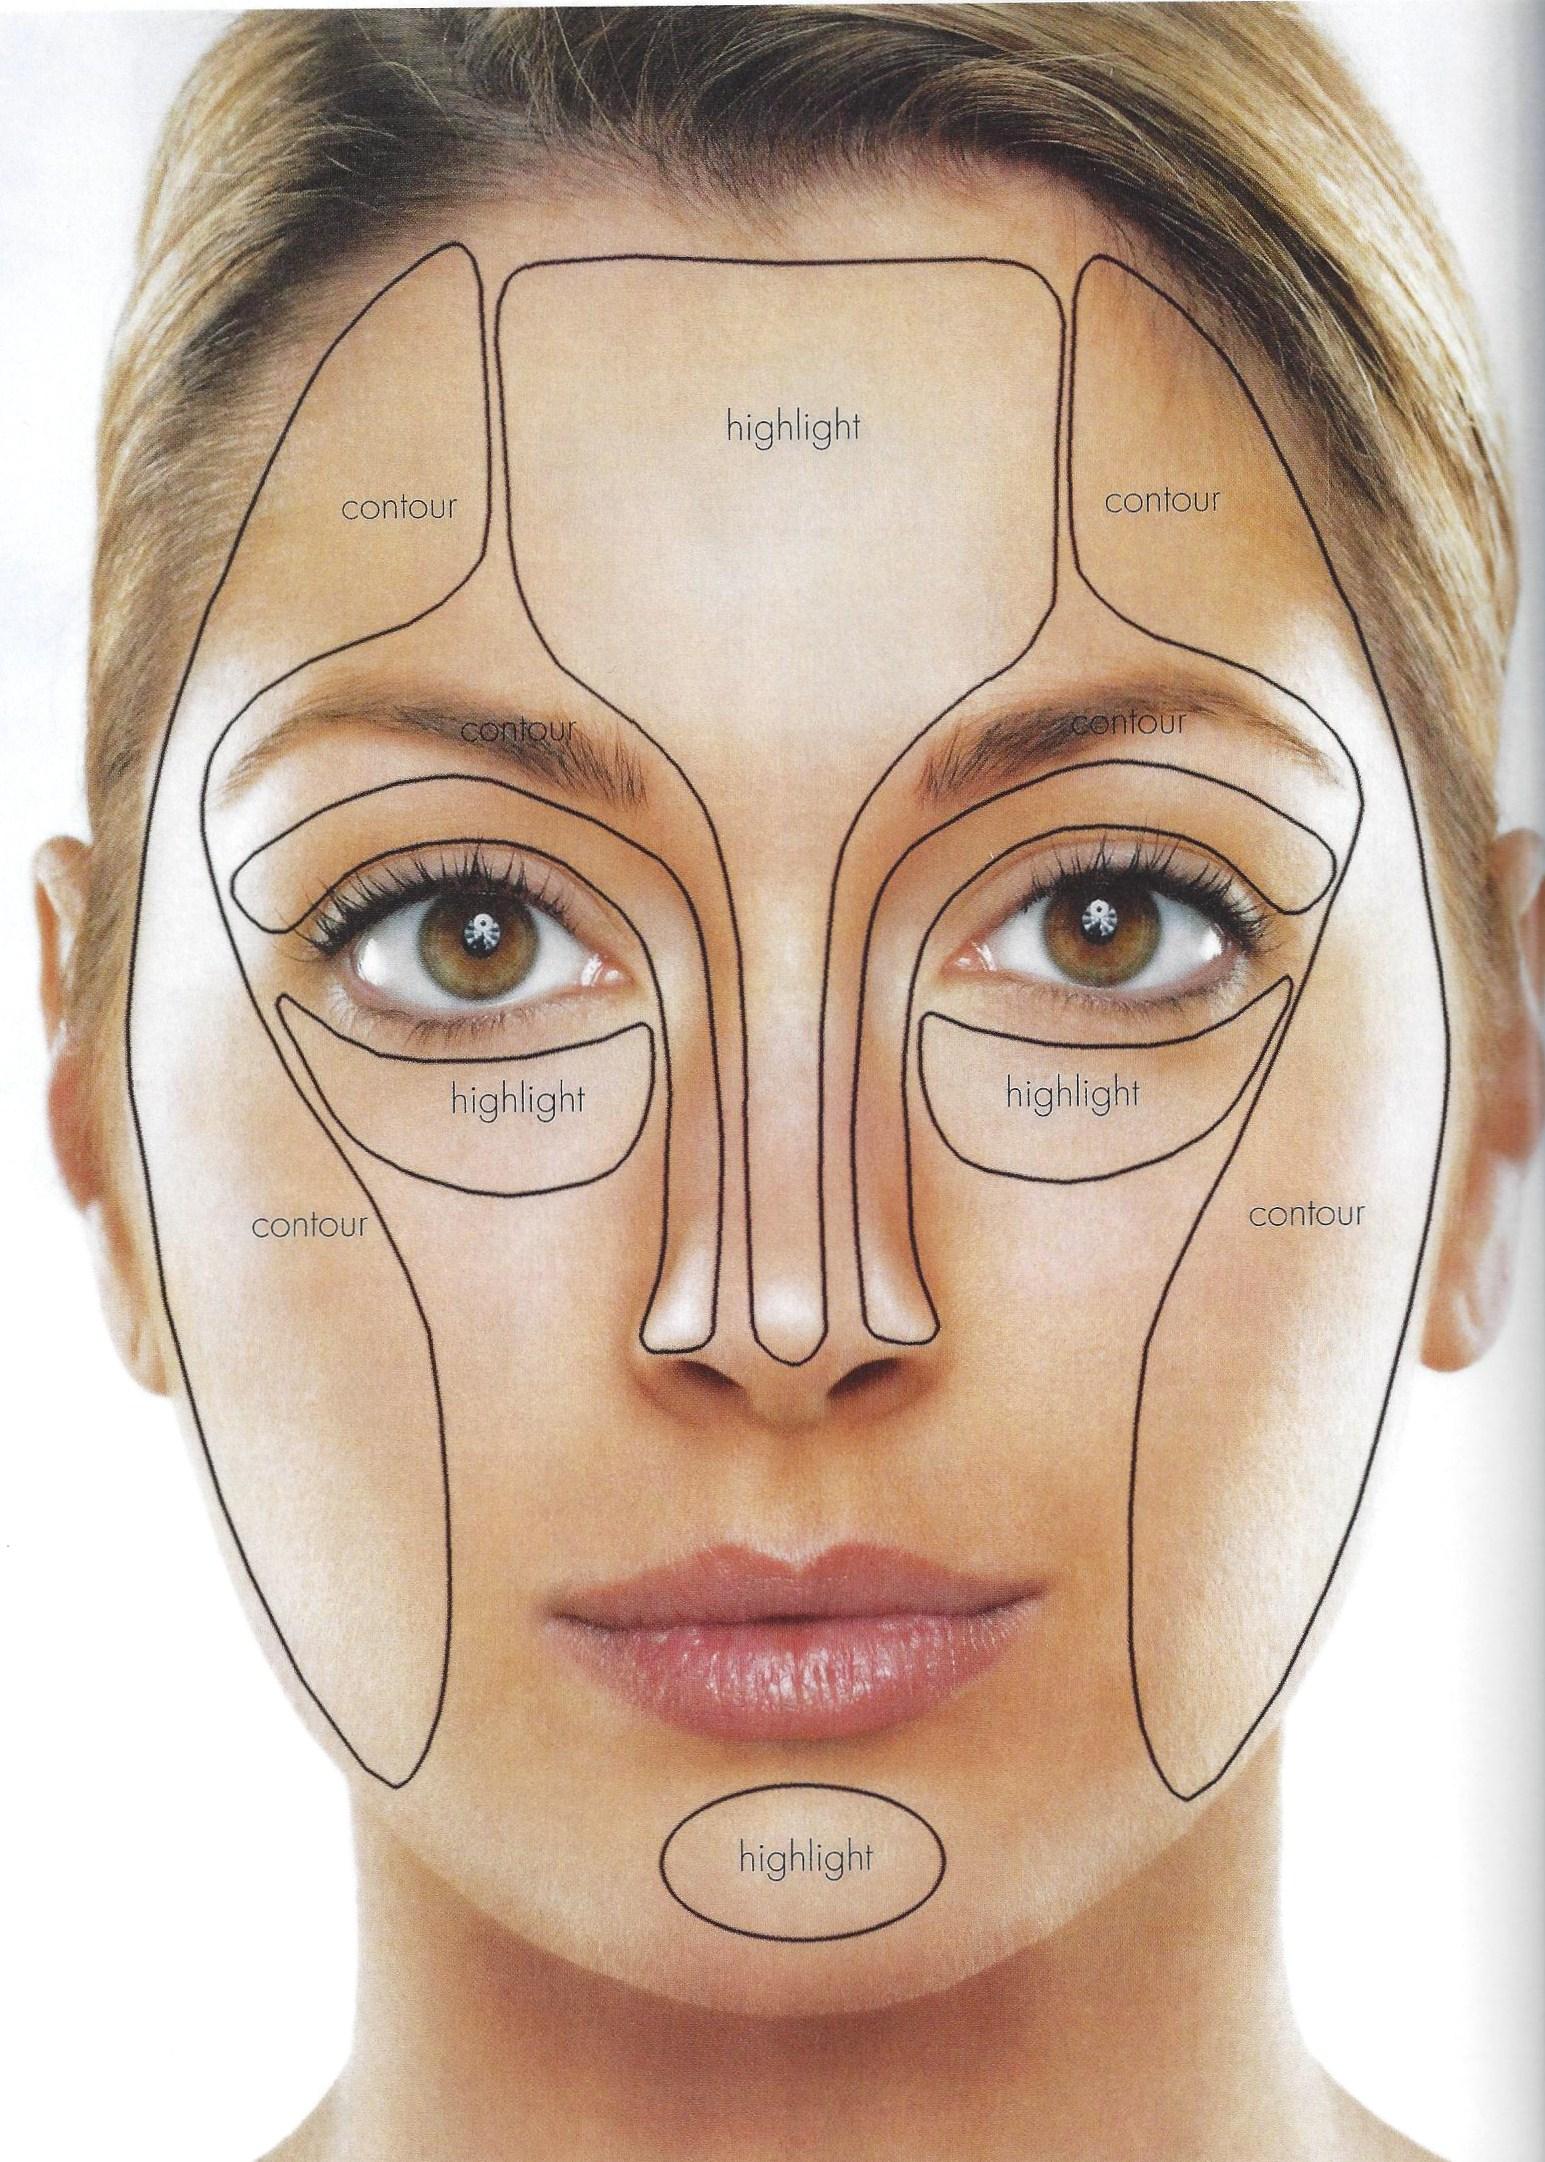 Как поправиться на лицо, чтобы щечки появились (что сделать и) 51